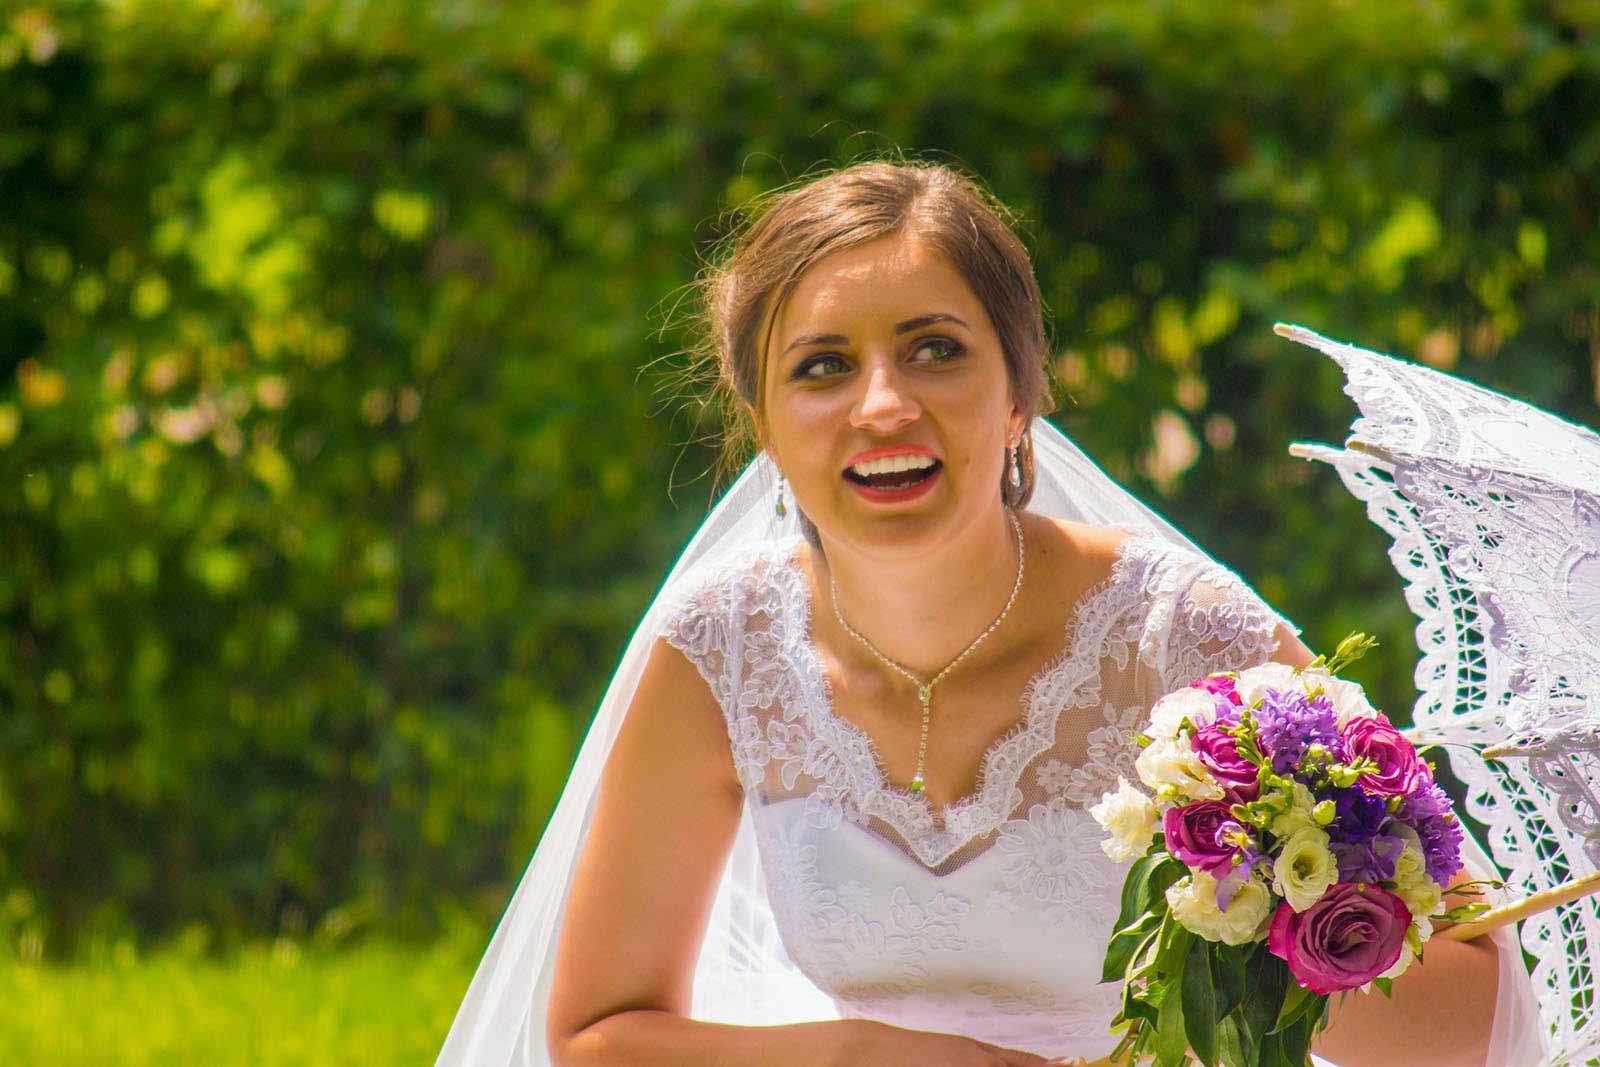 Фото невест в деревне, Свадьба без гламура и пафоса. Фото деревенской свадьбы 2 фотография